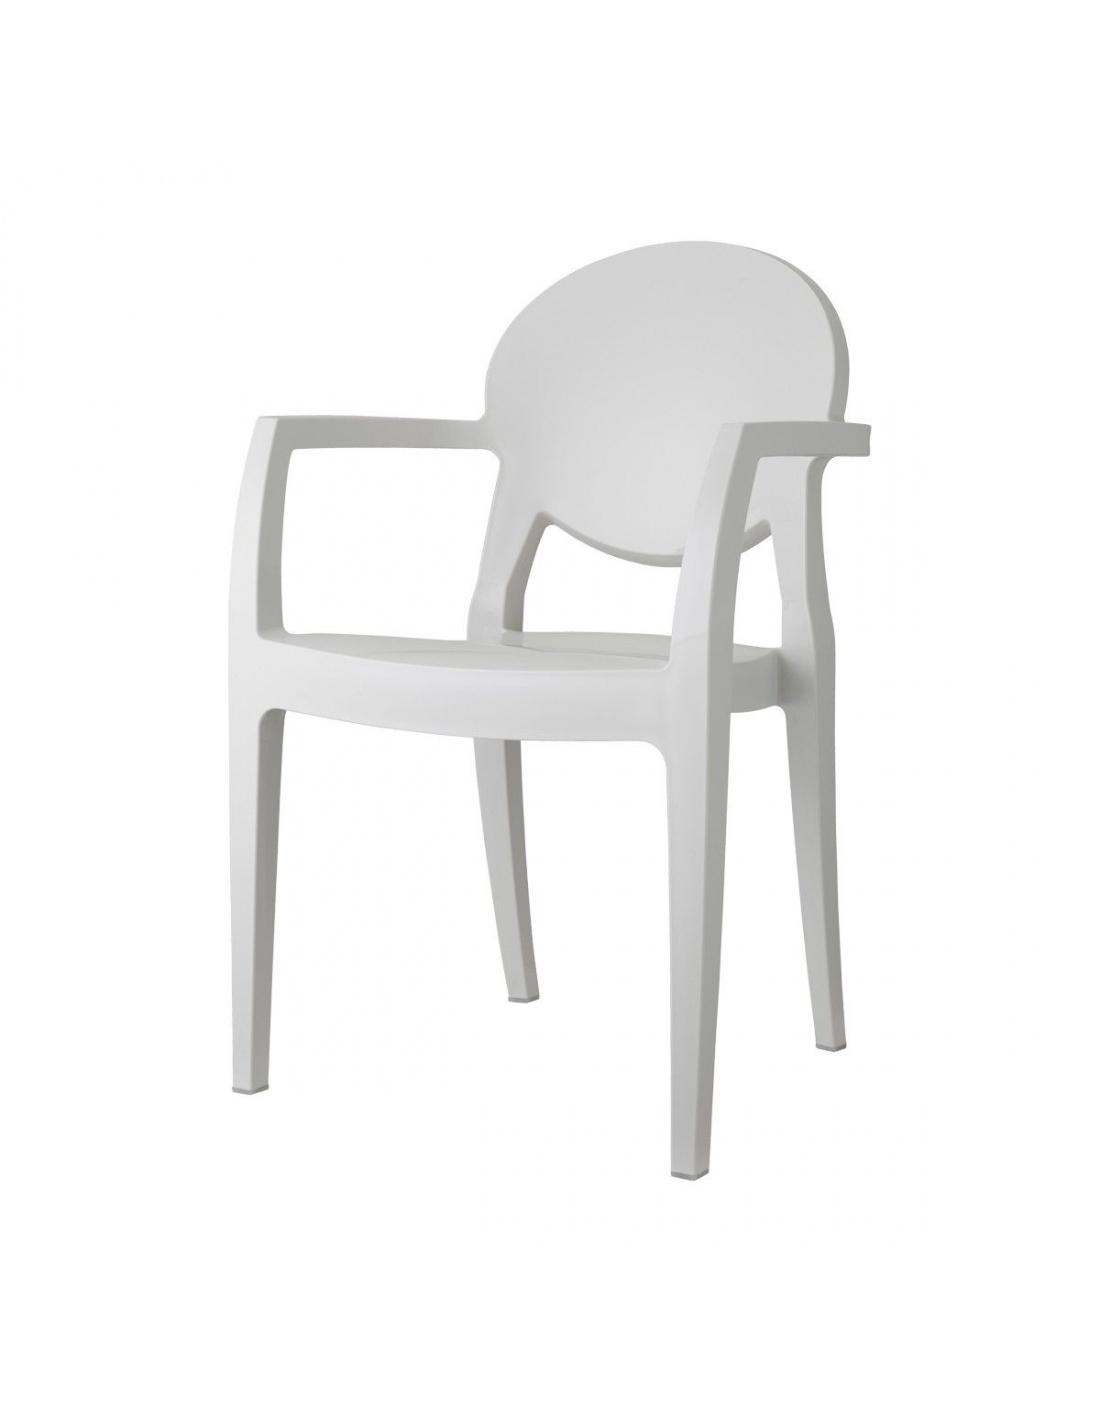 Igloo tecnopolimero sedia scab design for Sedie design con braccioli